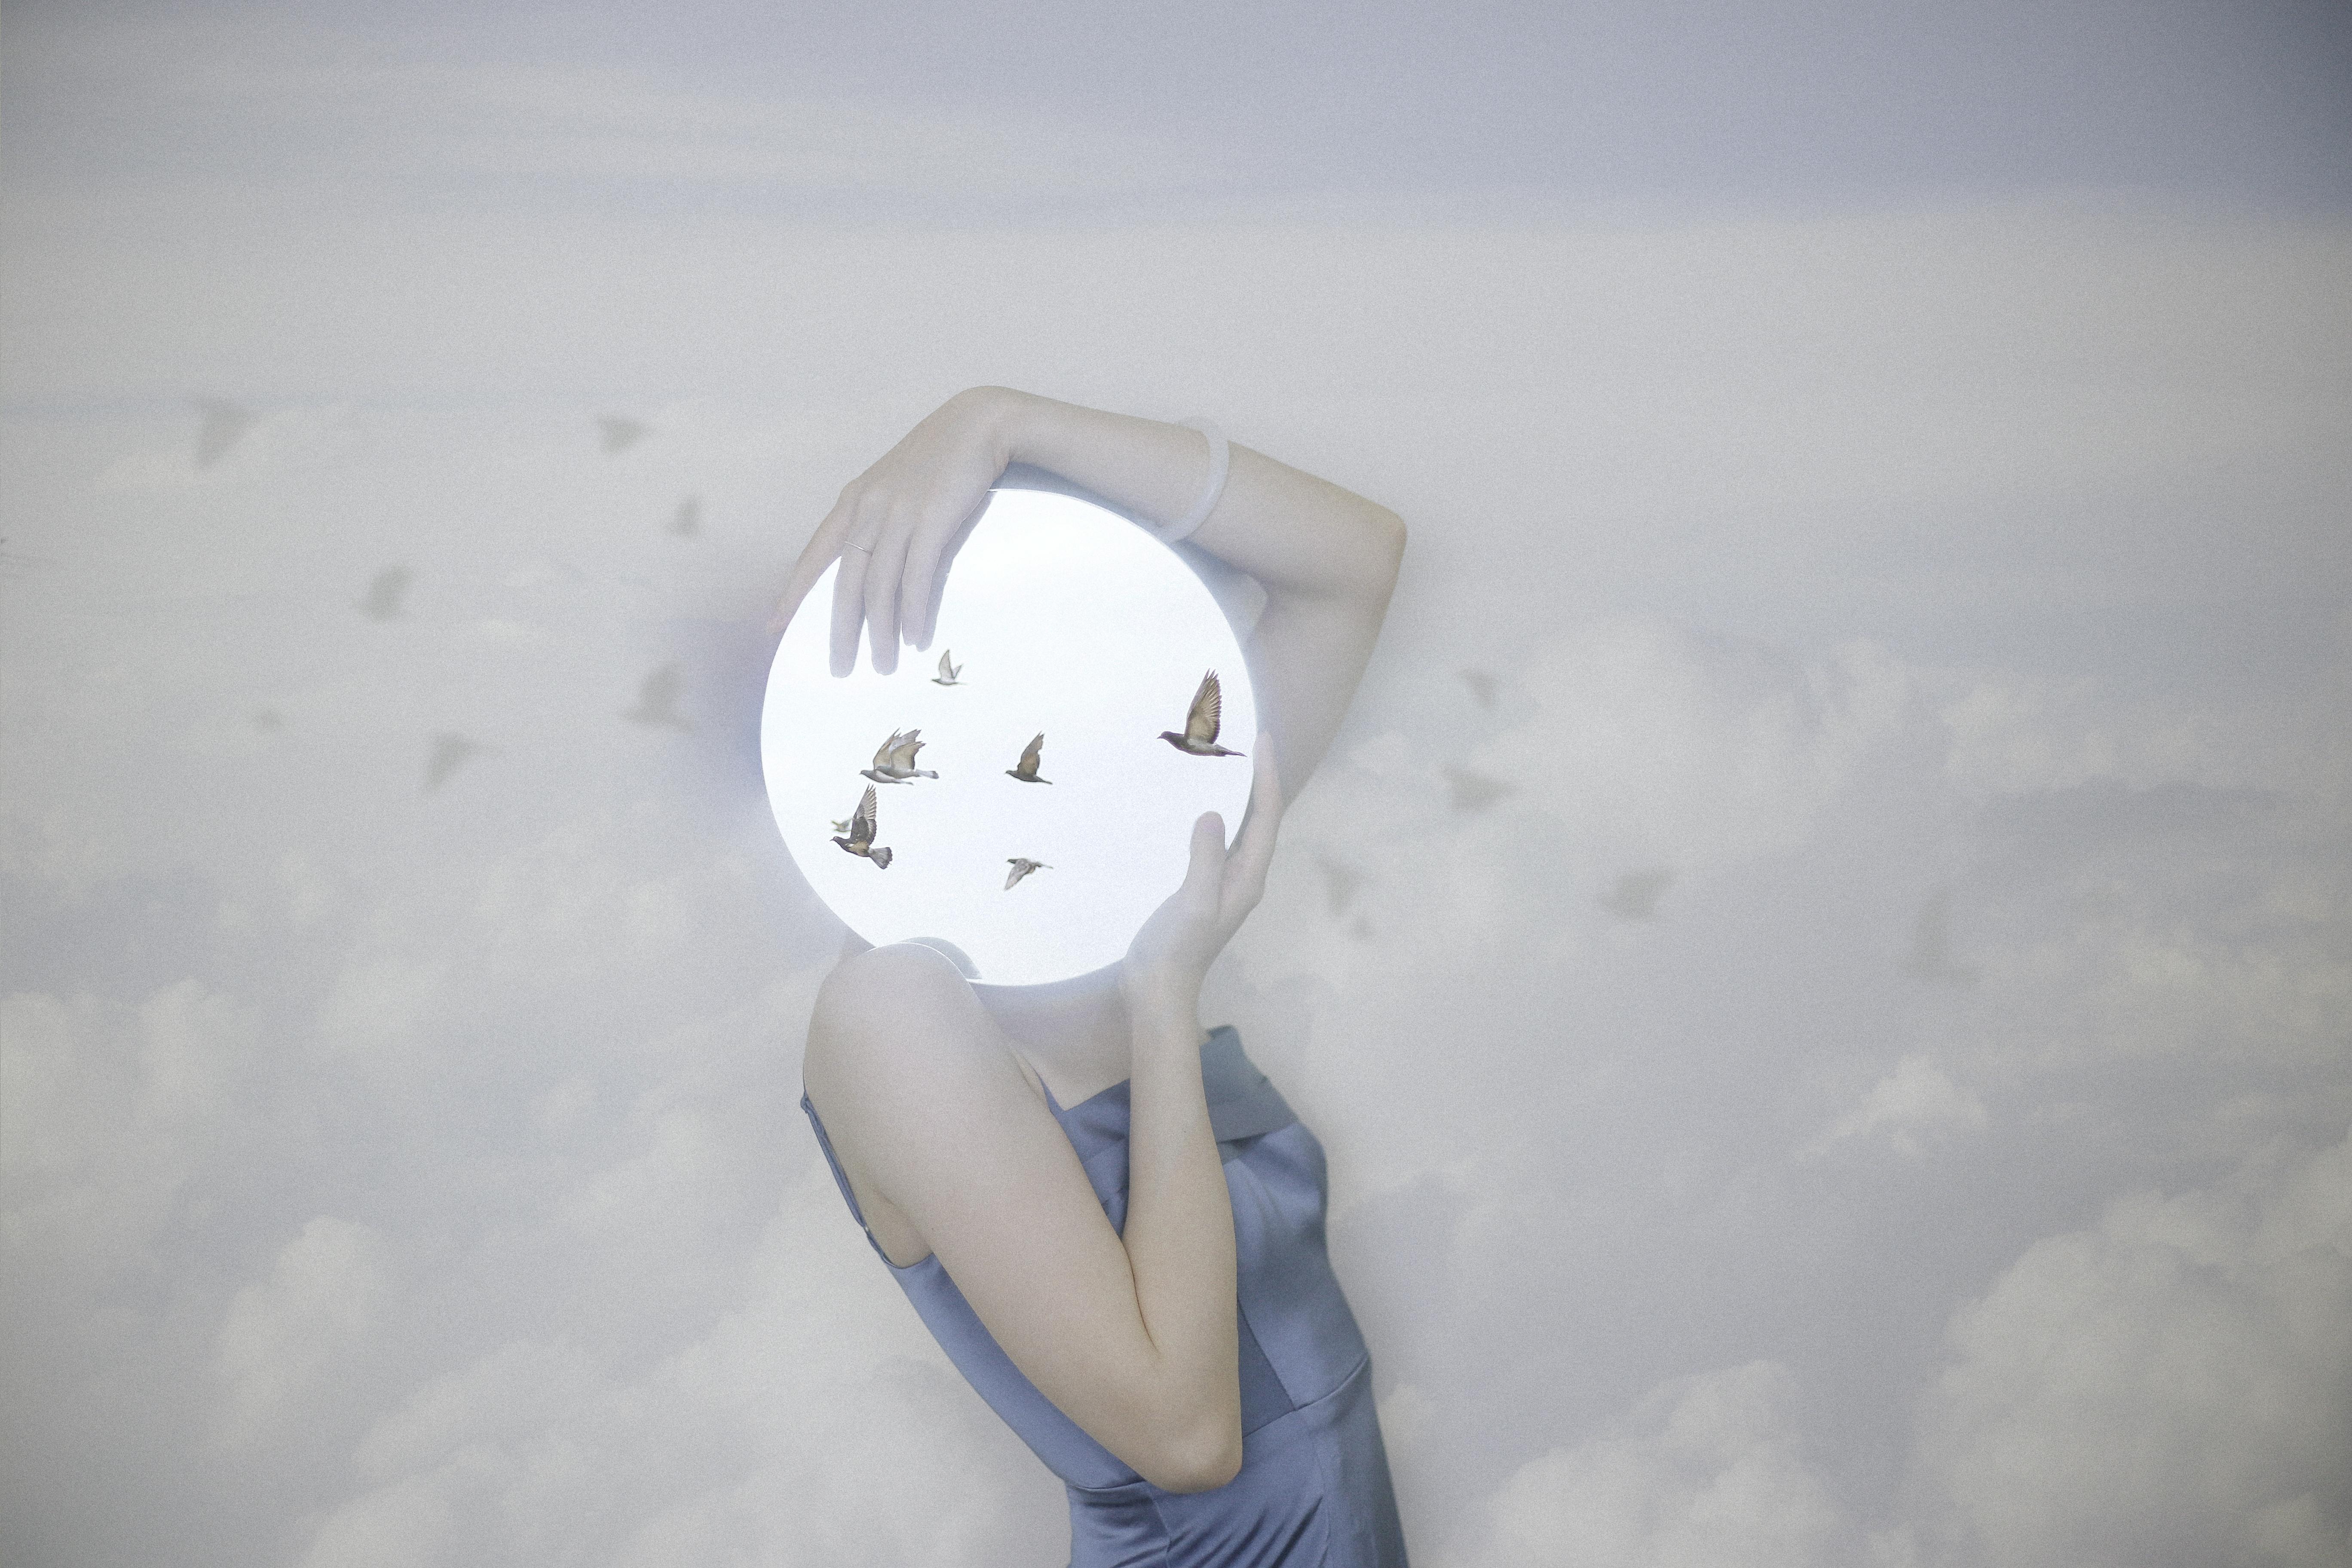 圆镜子鸟影子-1